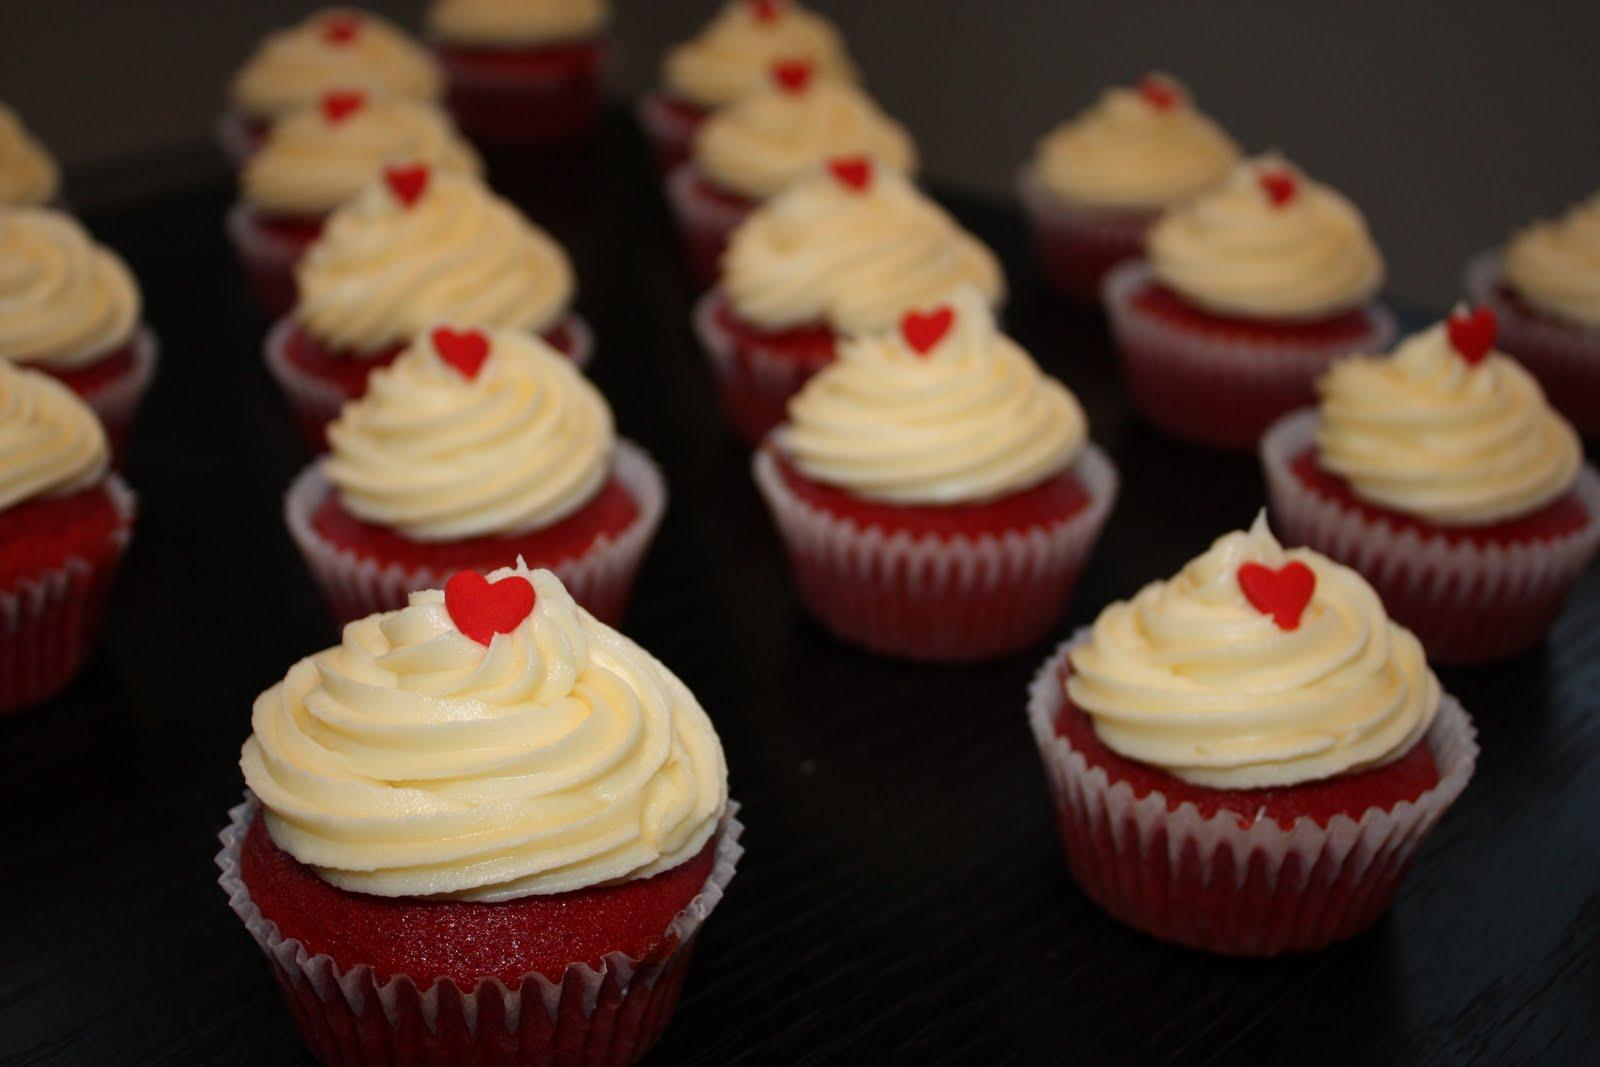 ... red velvet cupcakes red velvet cupcakes with cream red velvet cake